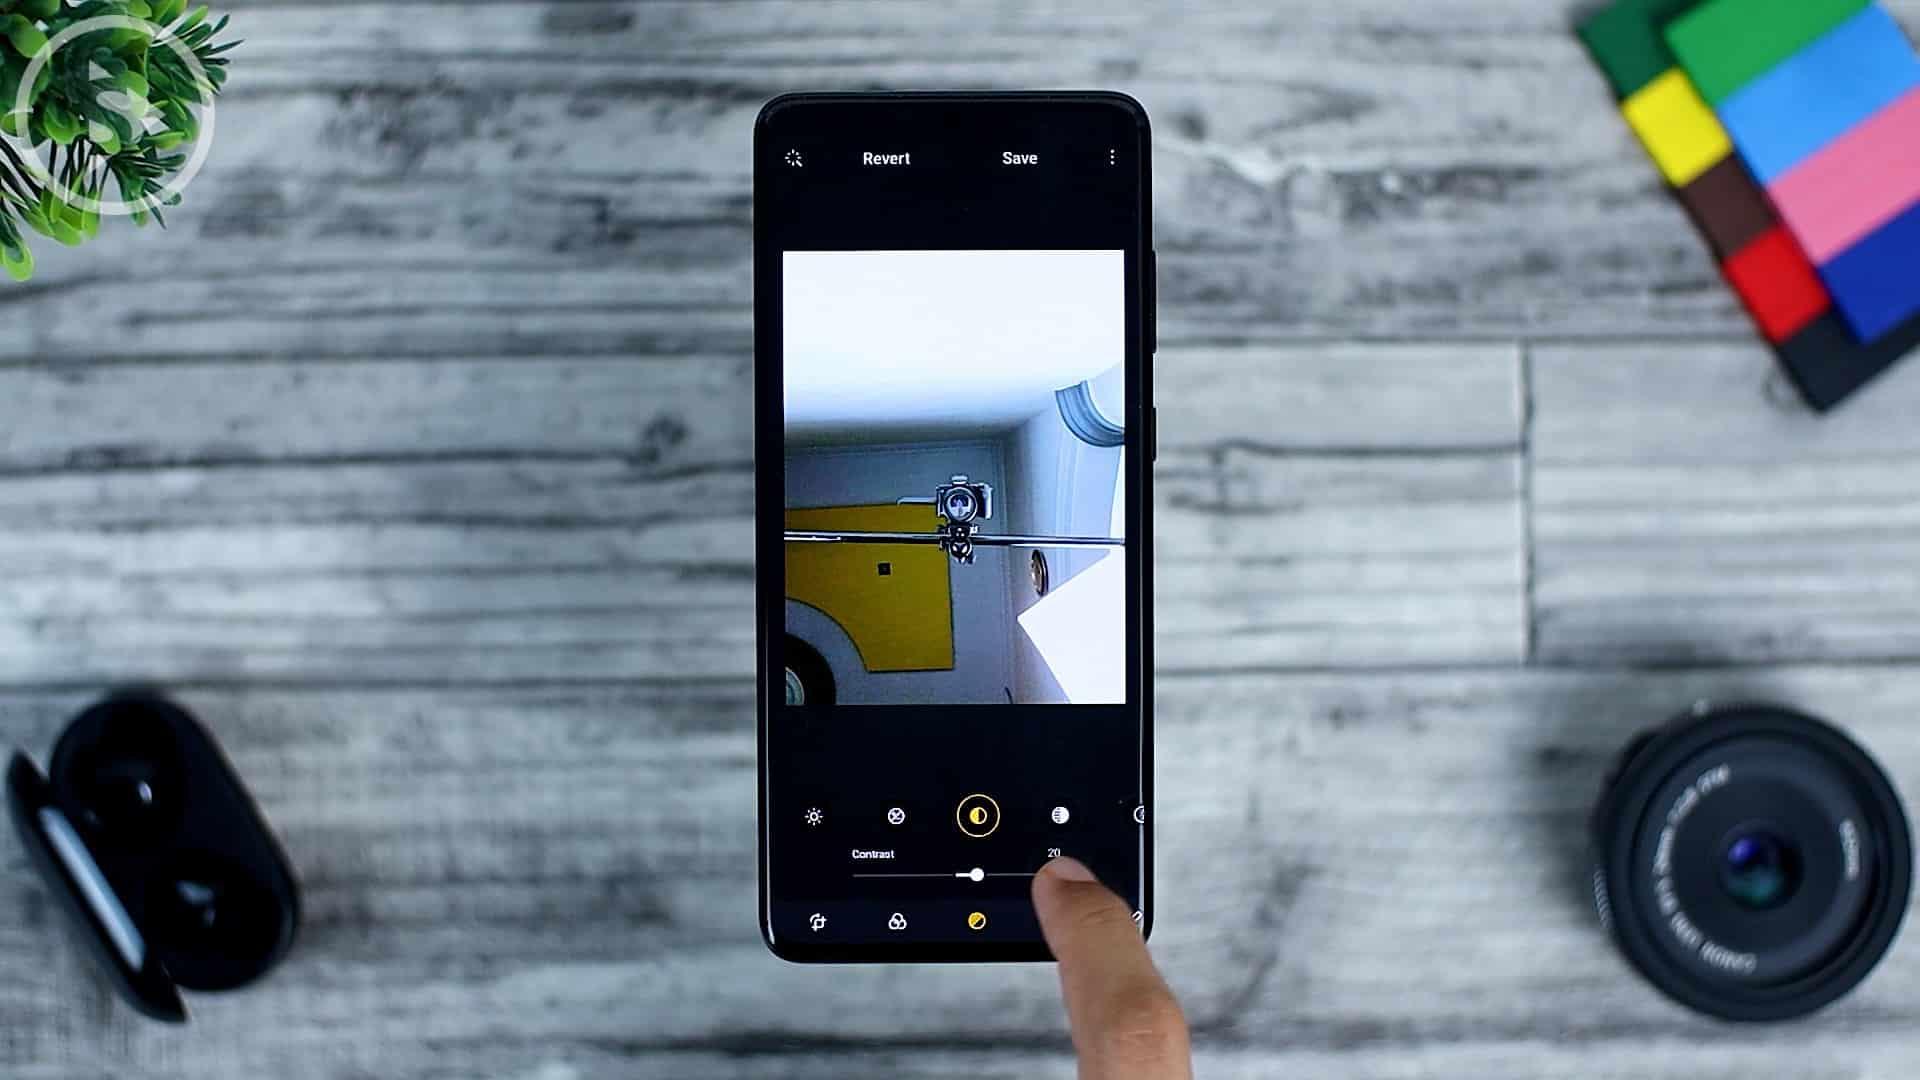 25 Fitur Baru di One UI 3.0 Dengan Android 11 - Revert Edited Photo